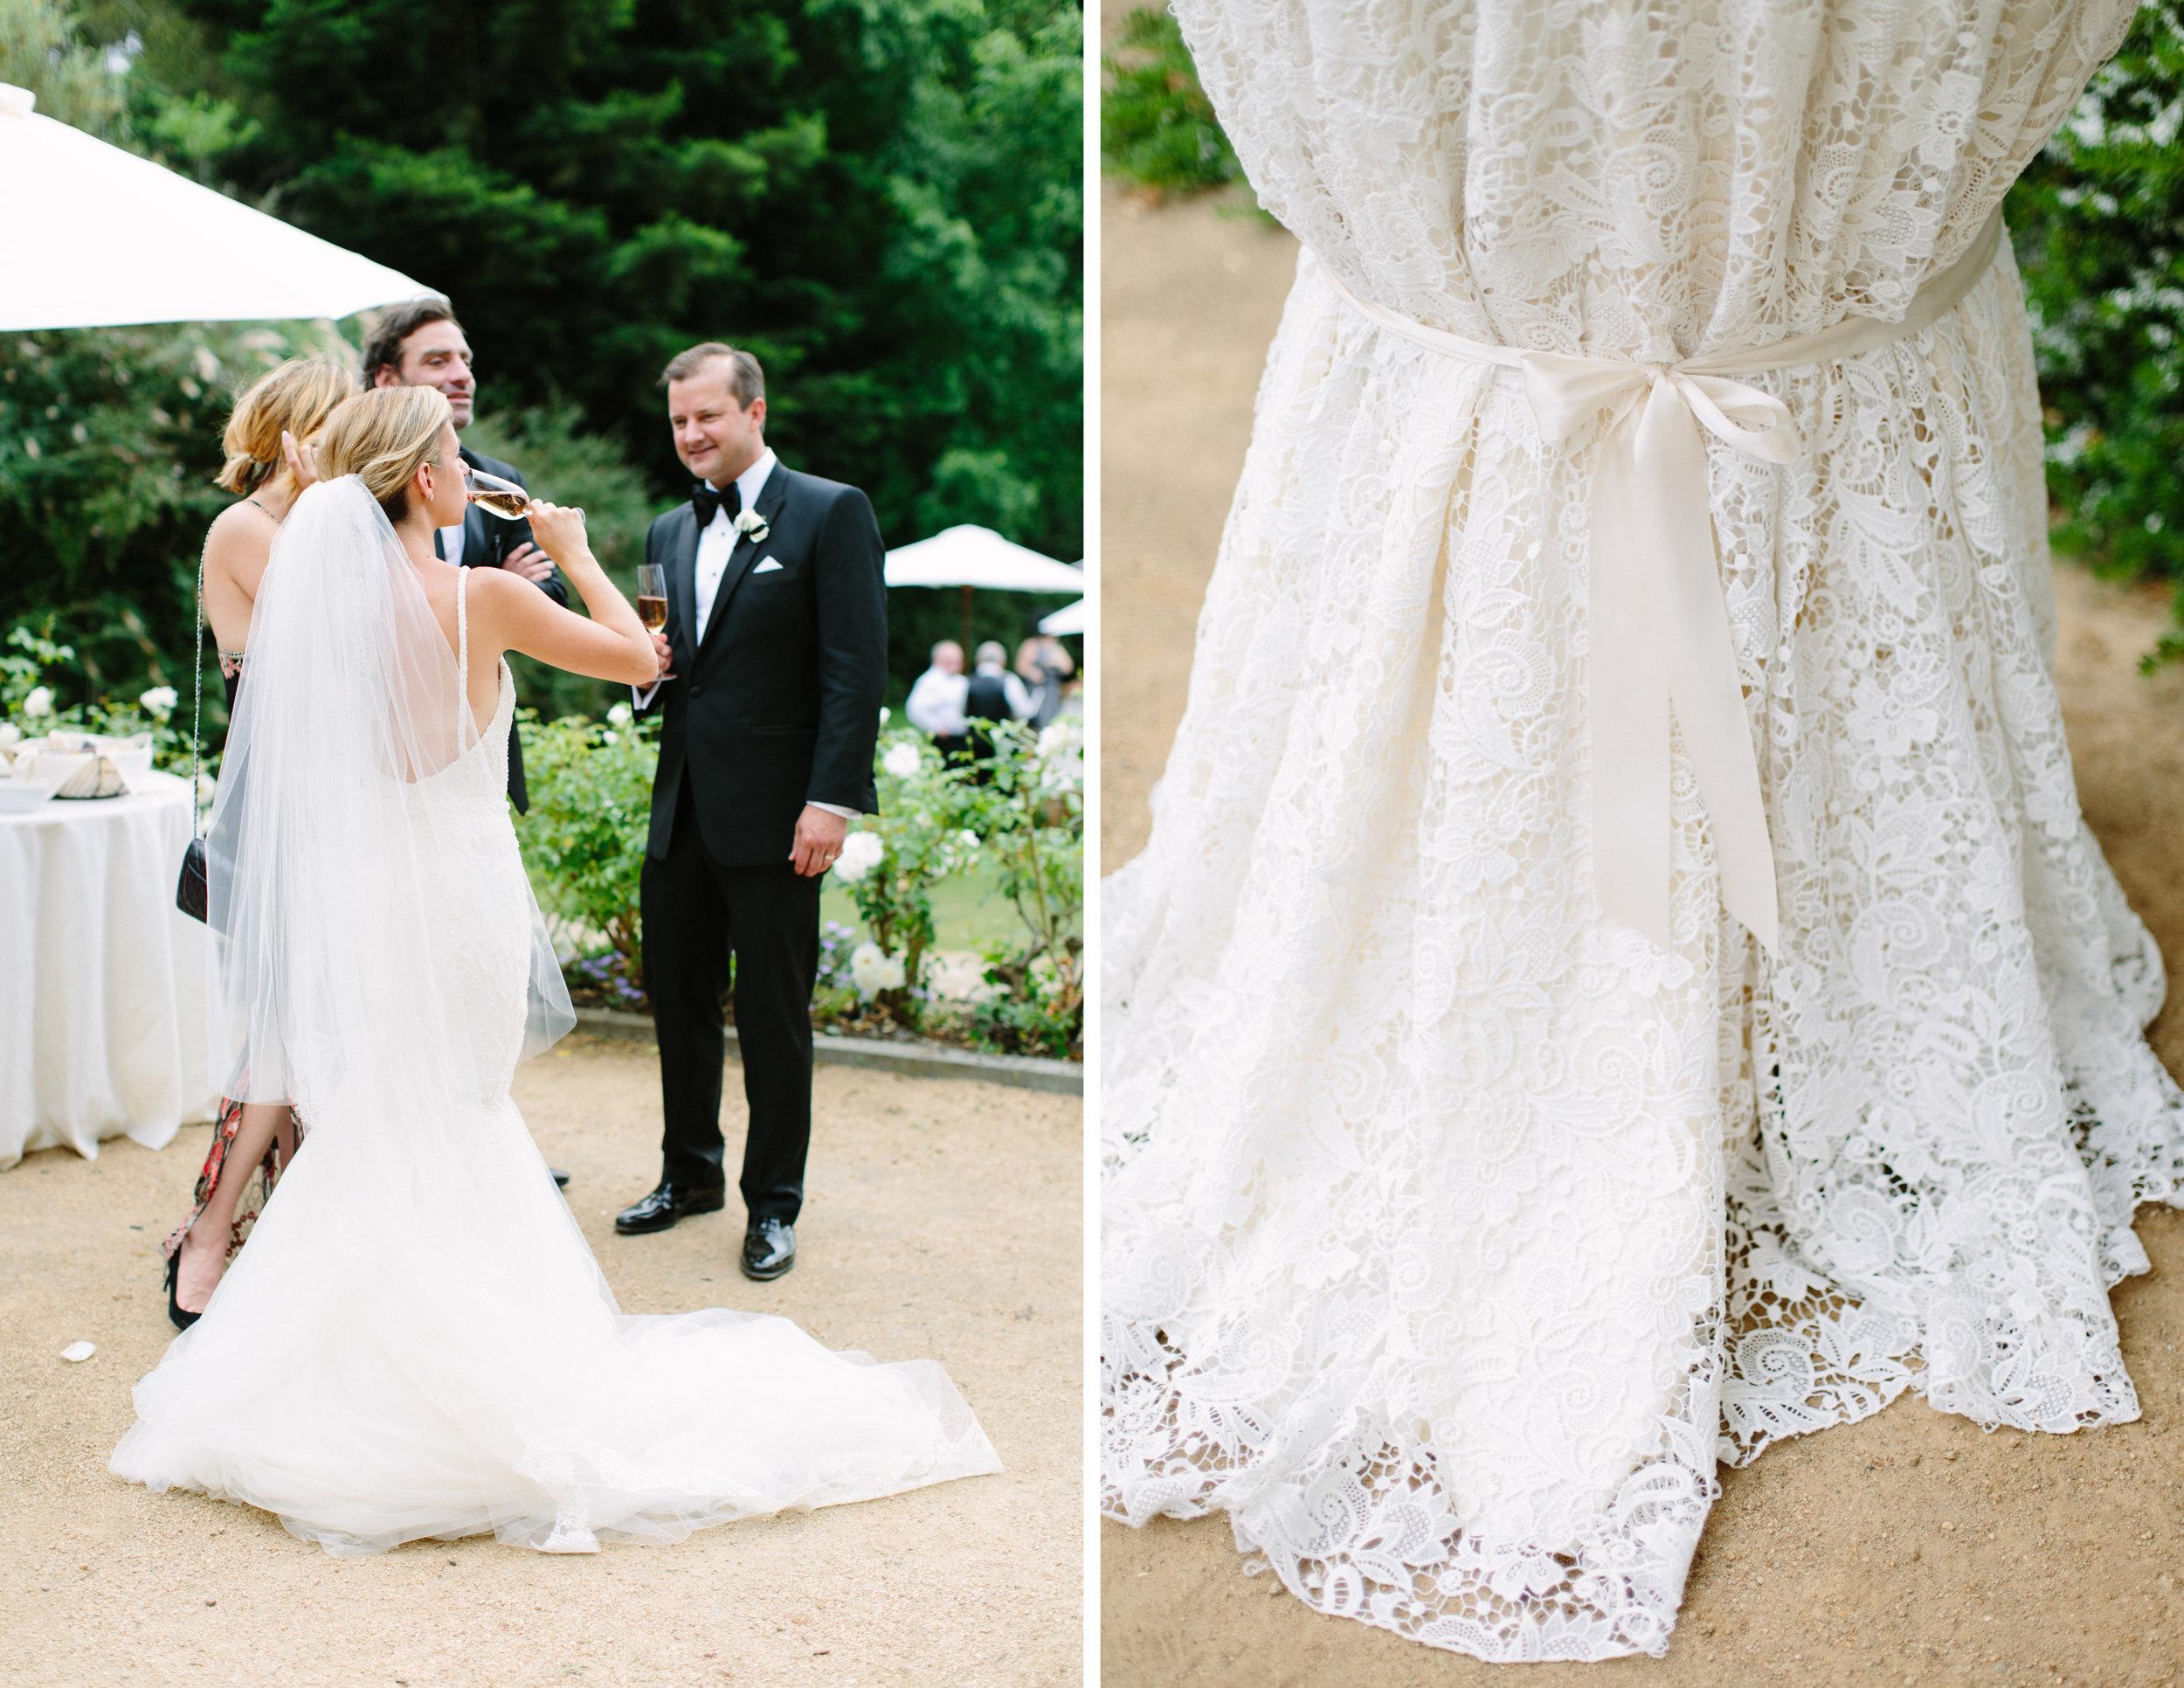 annadel estate winery wedding 13.jpg